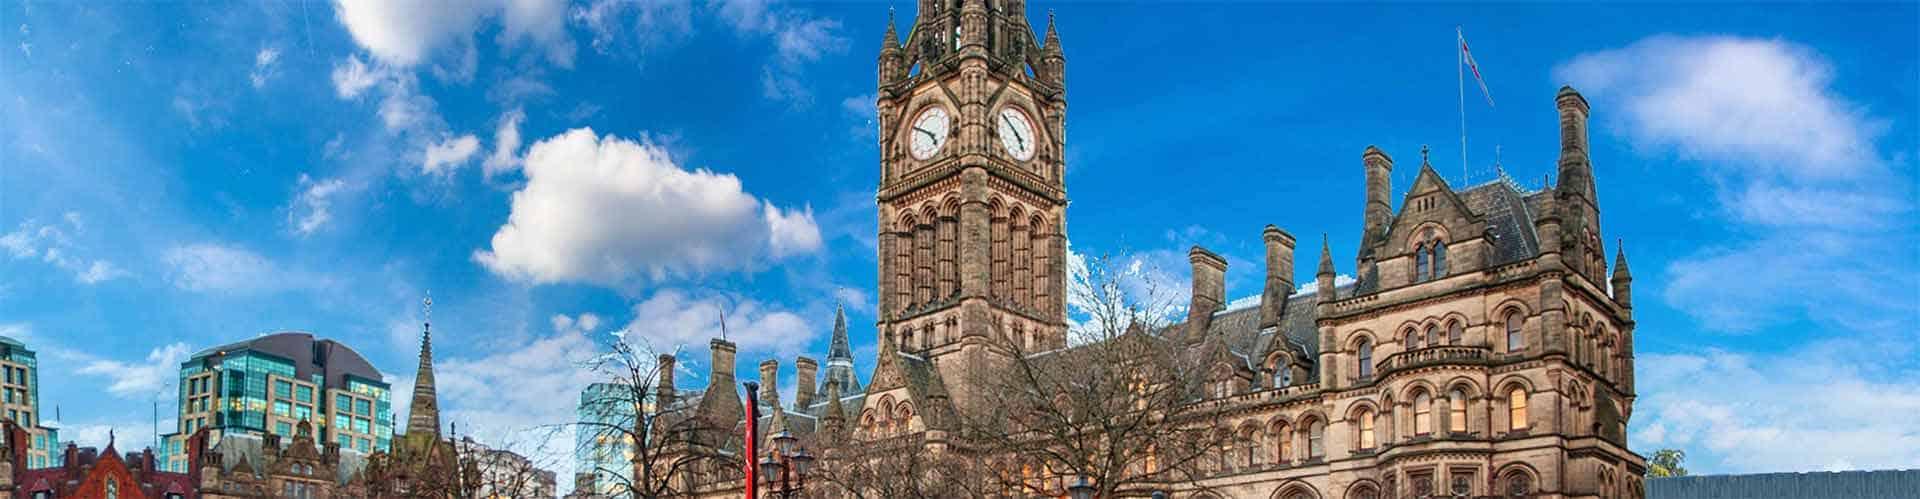 Free Tour Mánchester - Turismo Reino Unido